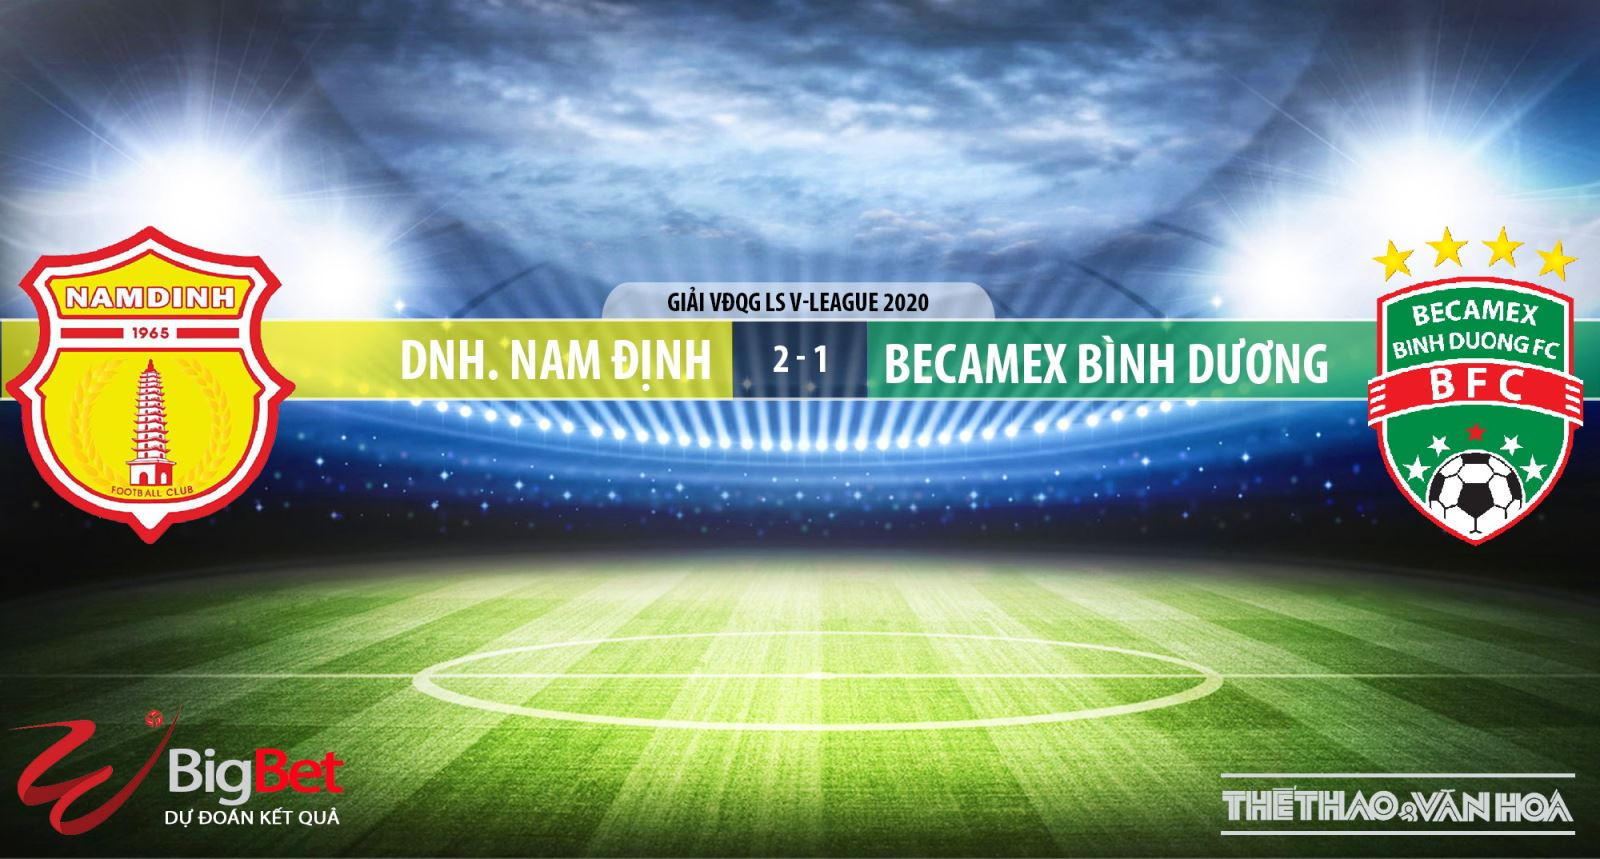 Nam Định vs Bình Dương, nam định, bình dương, soi kèo Nam Định vs Bình Dương, kèo bóng đá, soi kèo, trực tiếp Nam Định vs Bình Dương